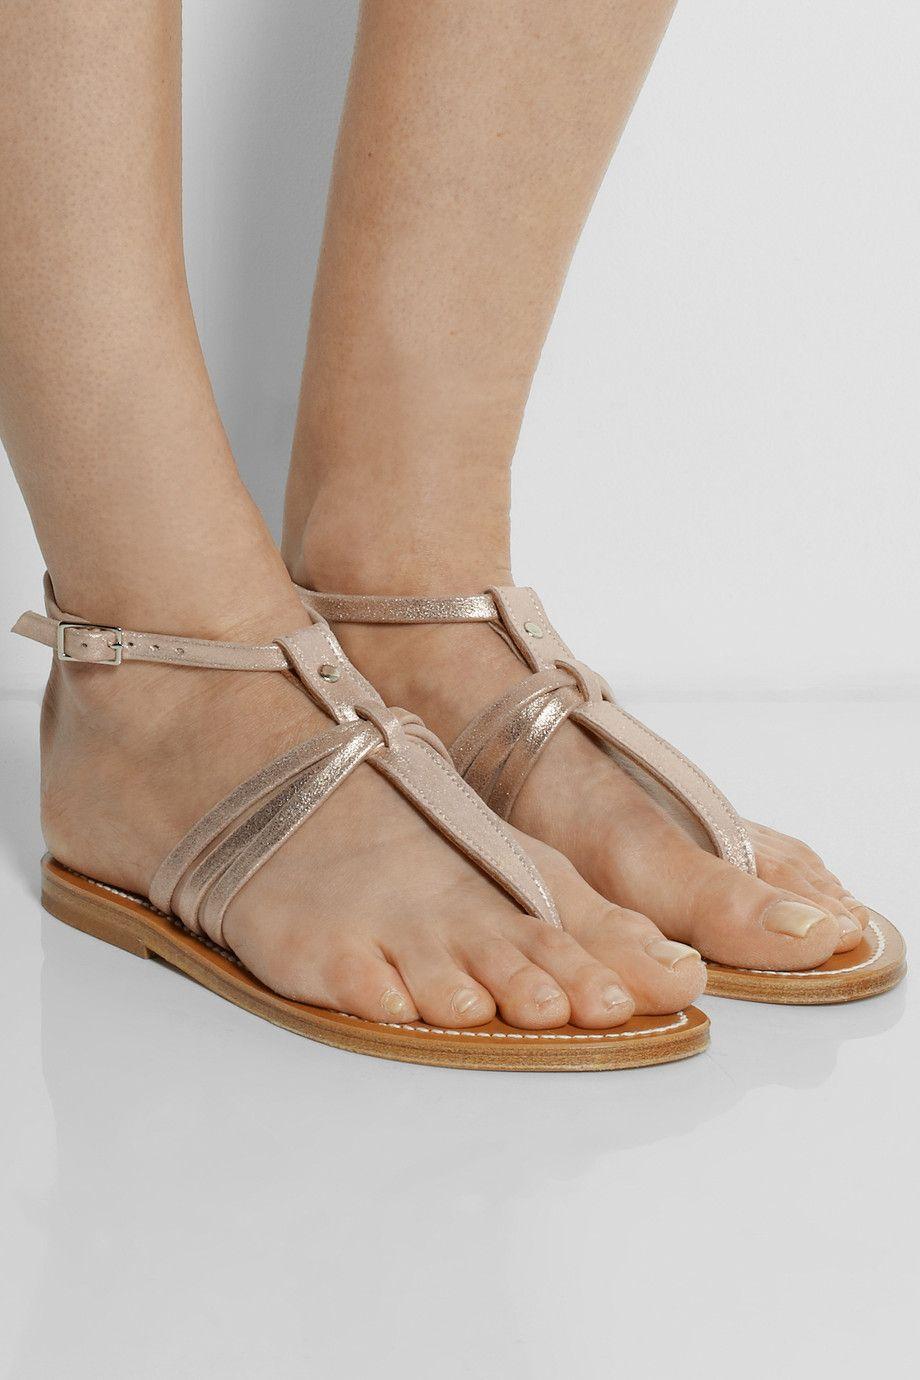 K Jacques St. Tropez Metallic Leather Sandals high quality online nQ951Bncm